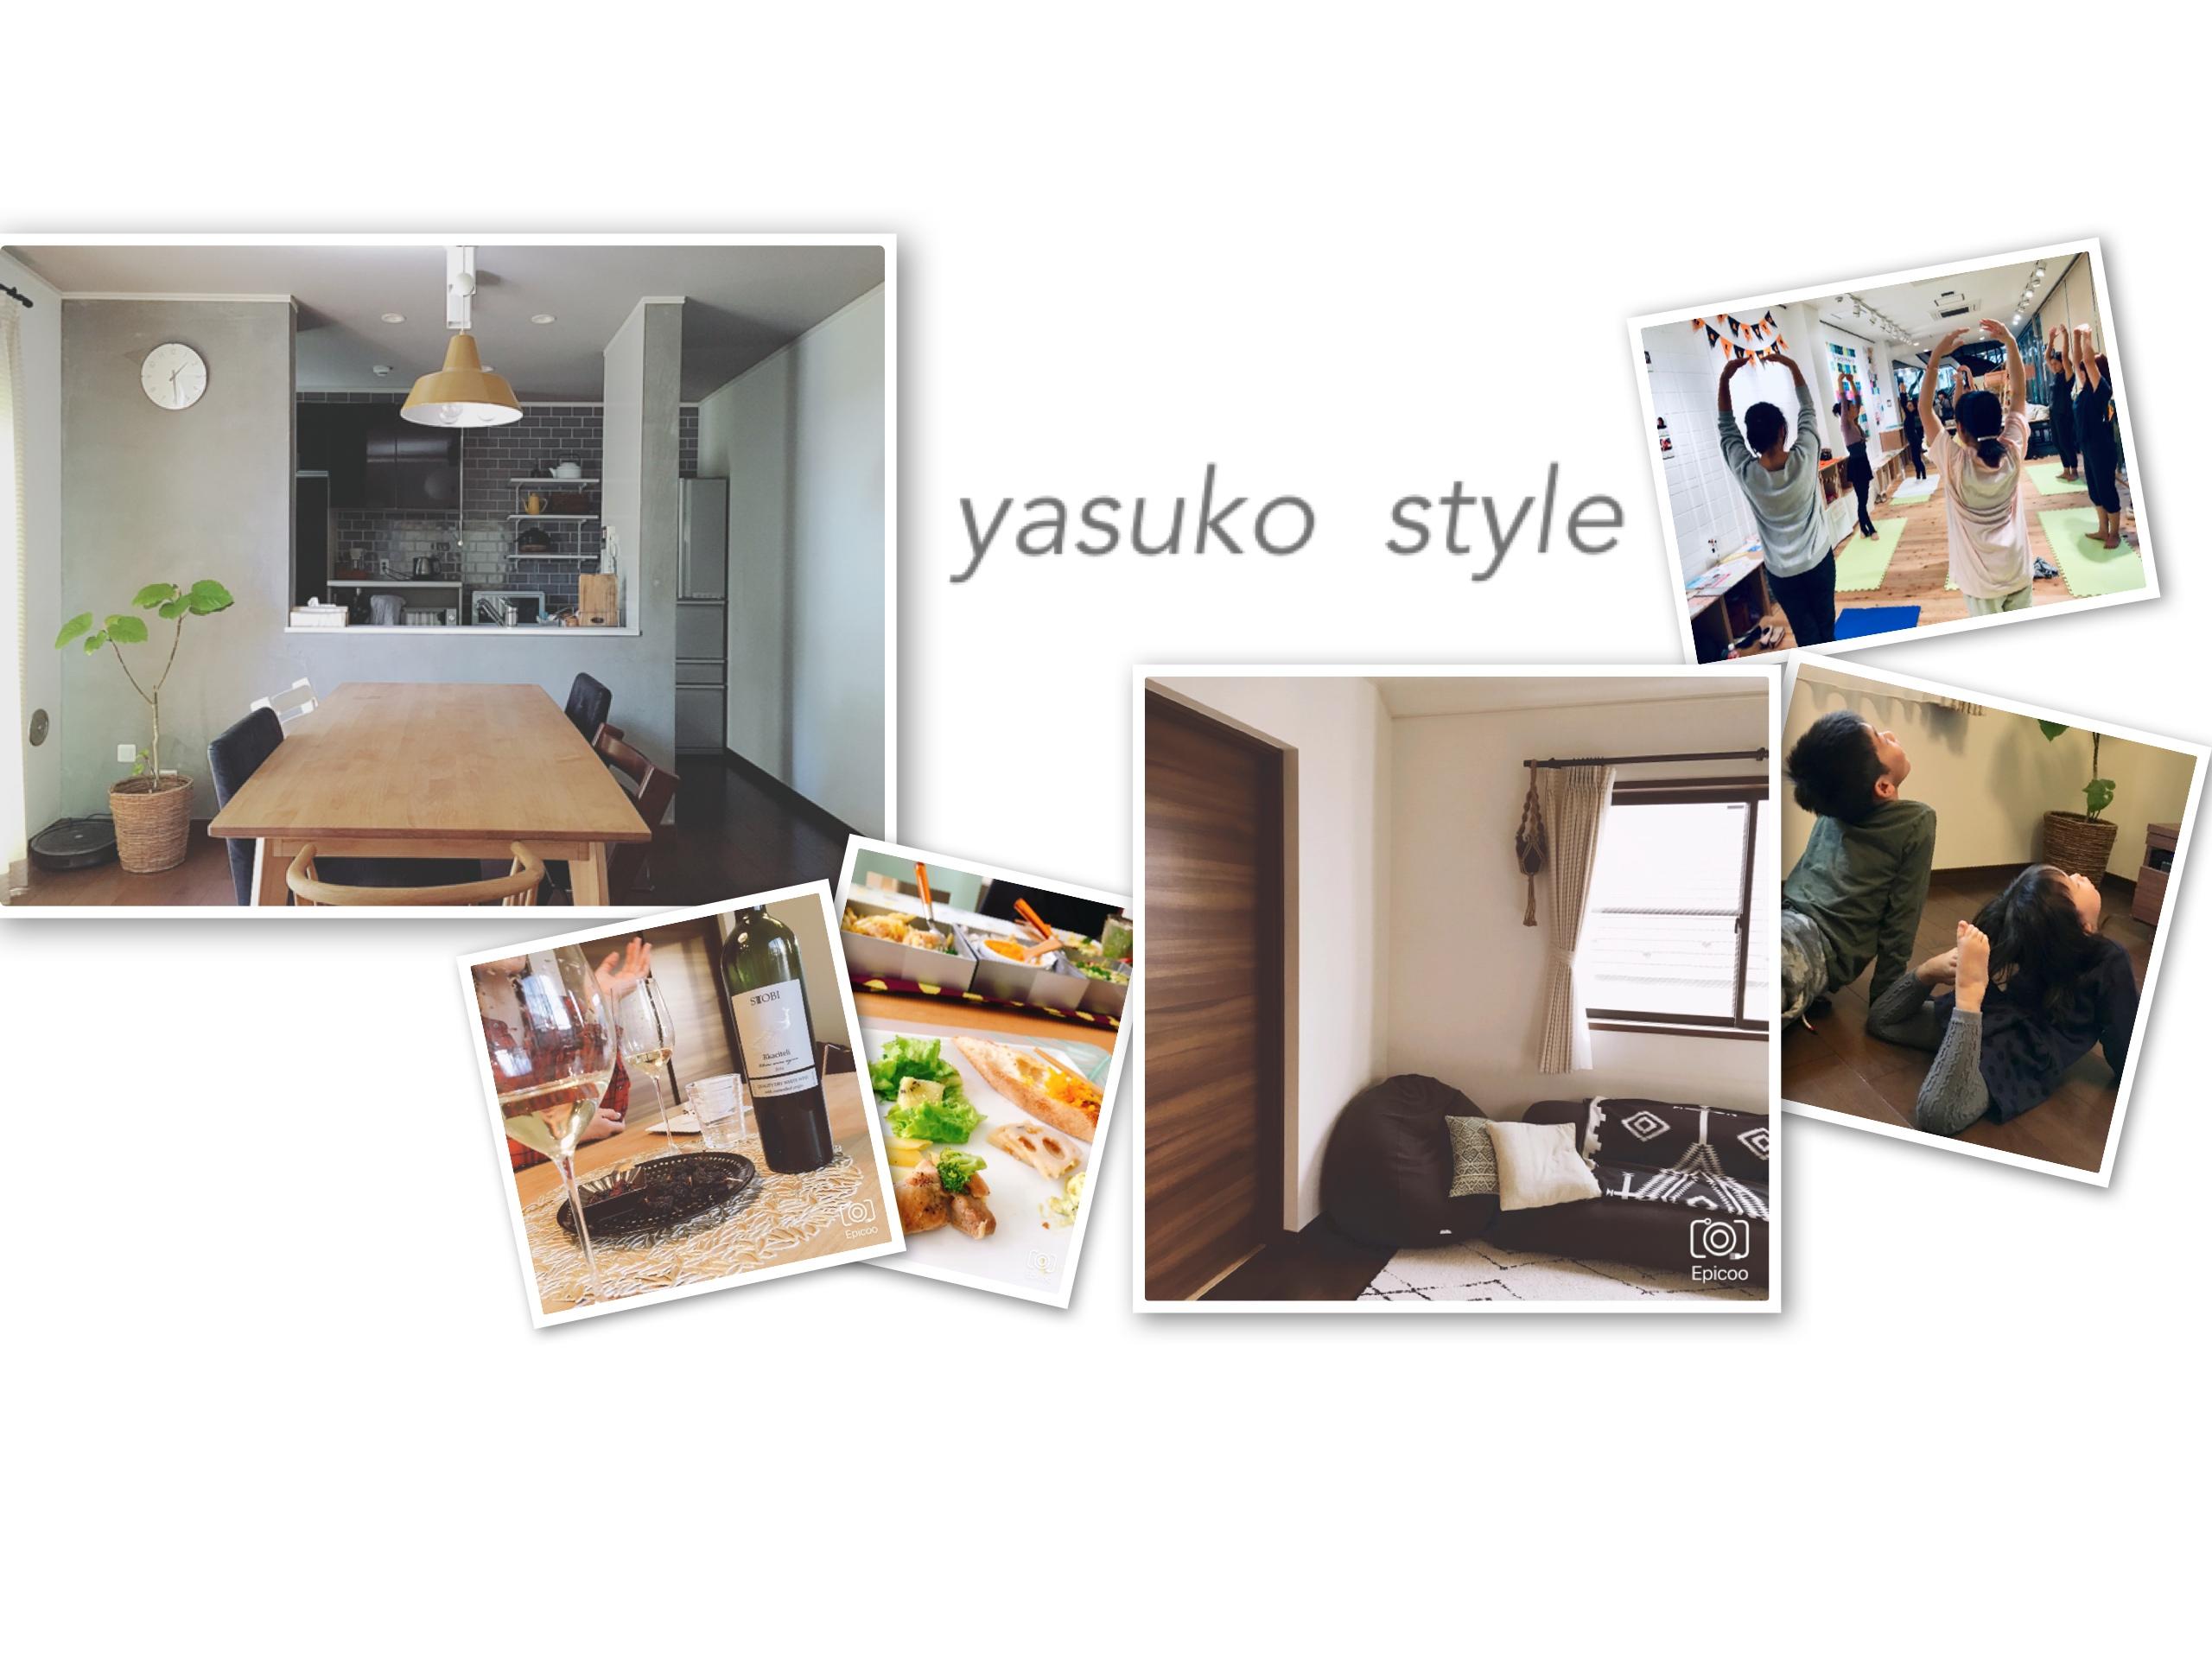 yasuko styleはあなたが輝くライフスタイルを提案します